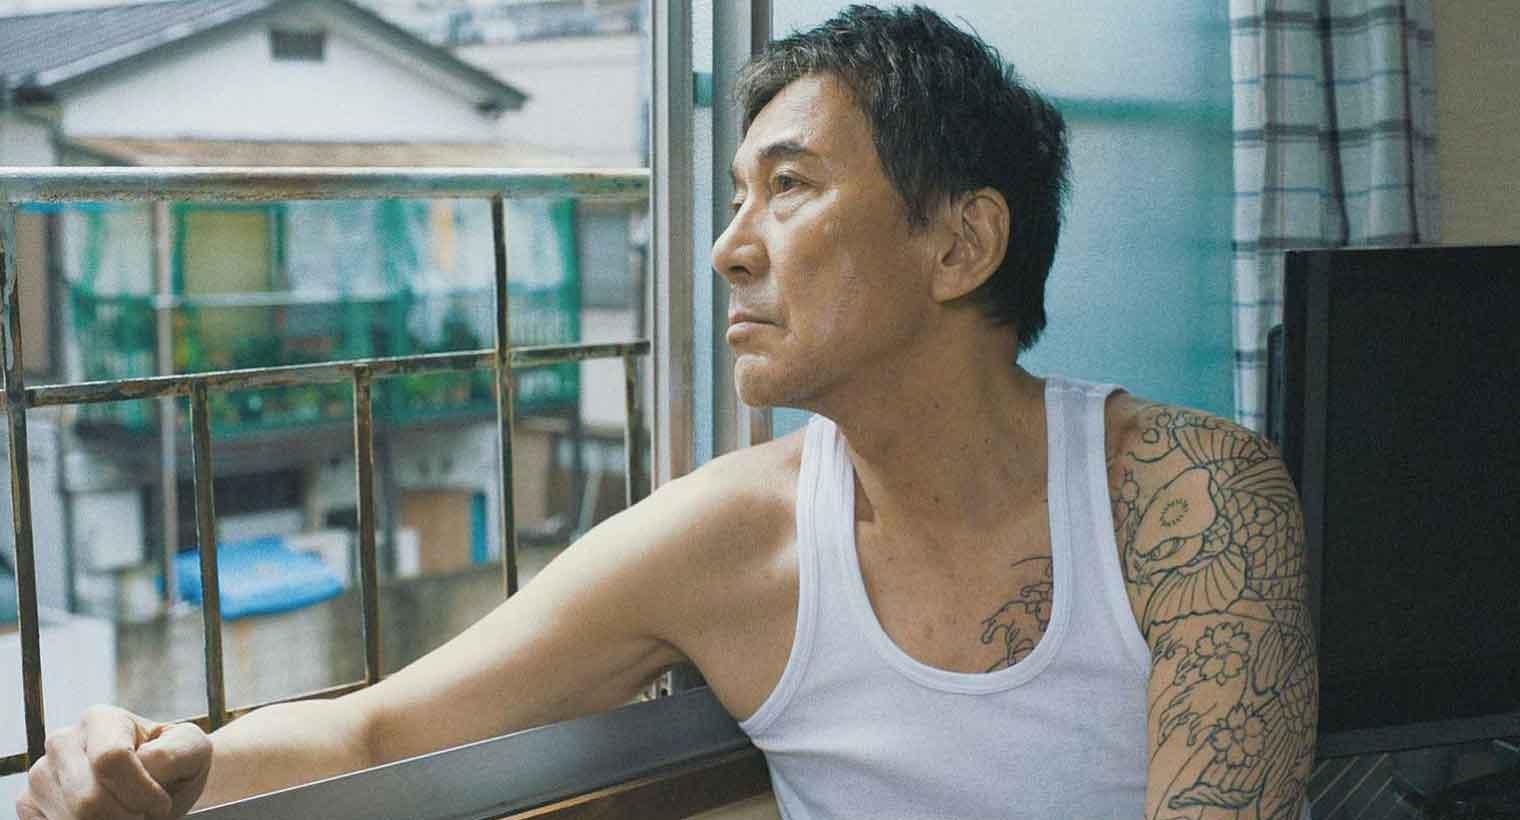 ©佐木隆三/2021「すばらしき世界」製作委員会